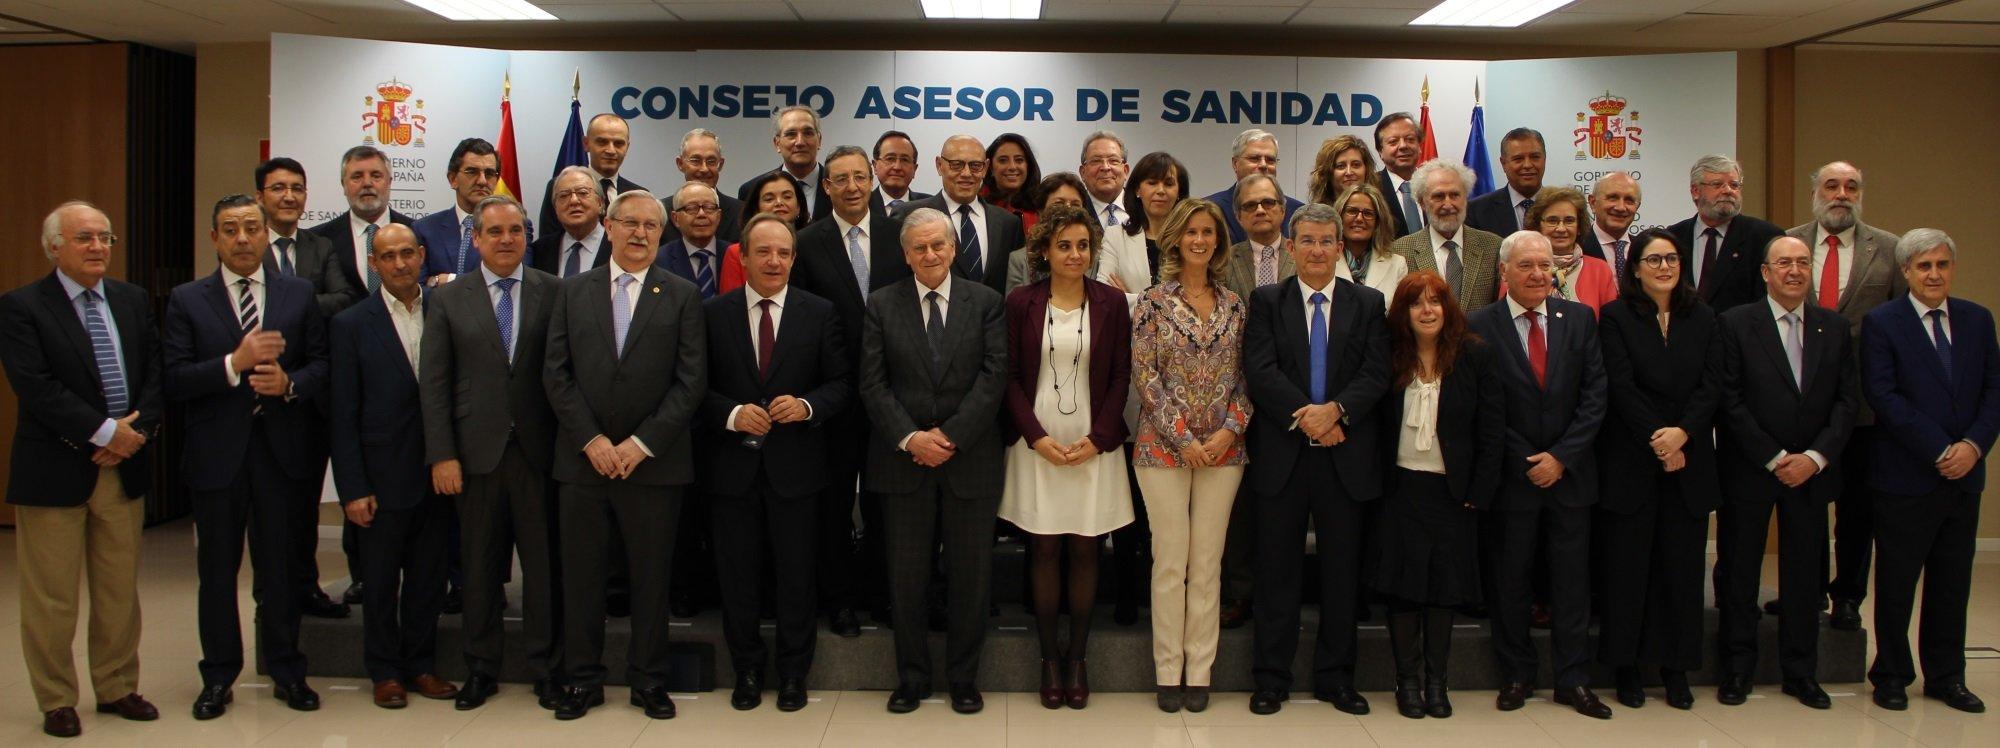 Foto Consejo Asesor Del Mº De Sanidad 2018